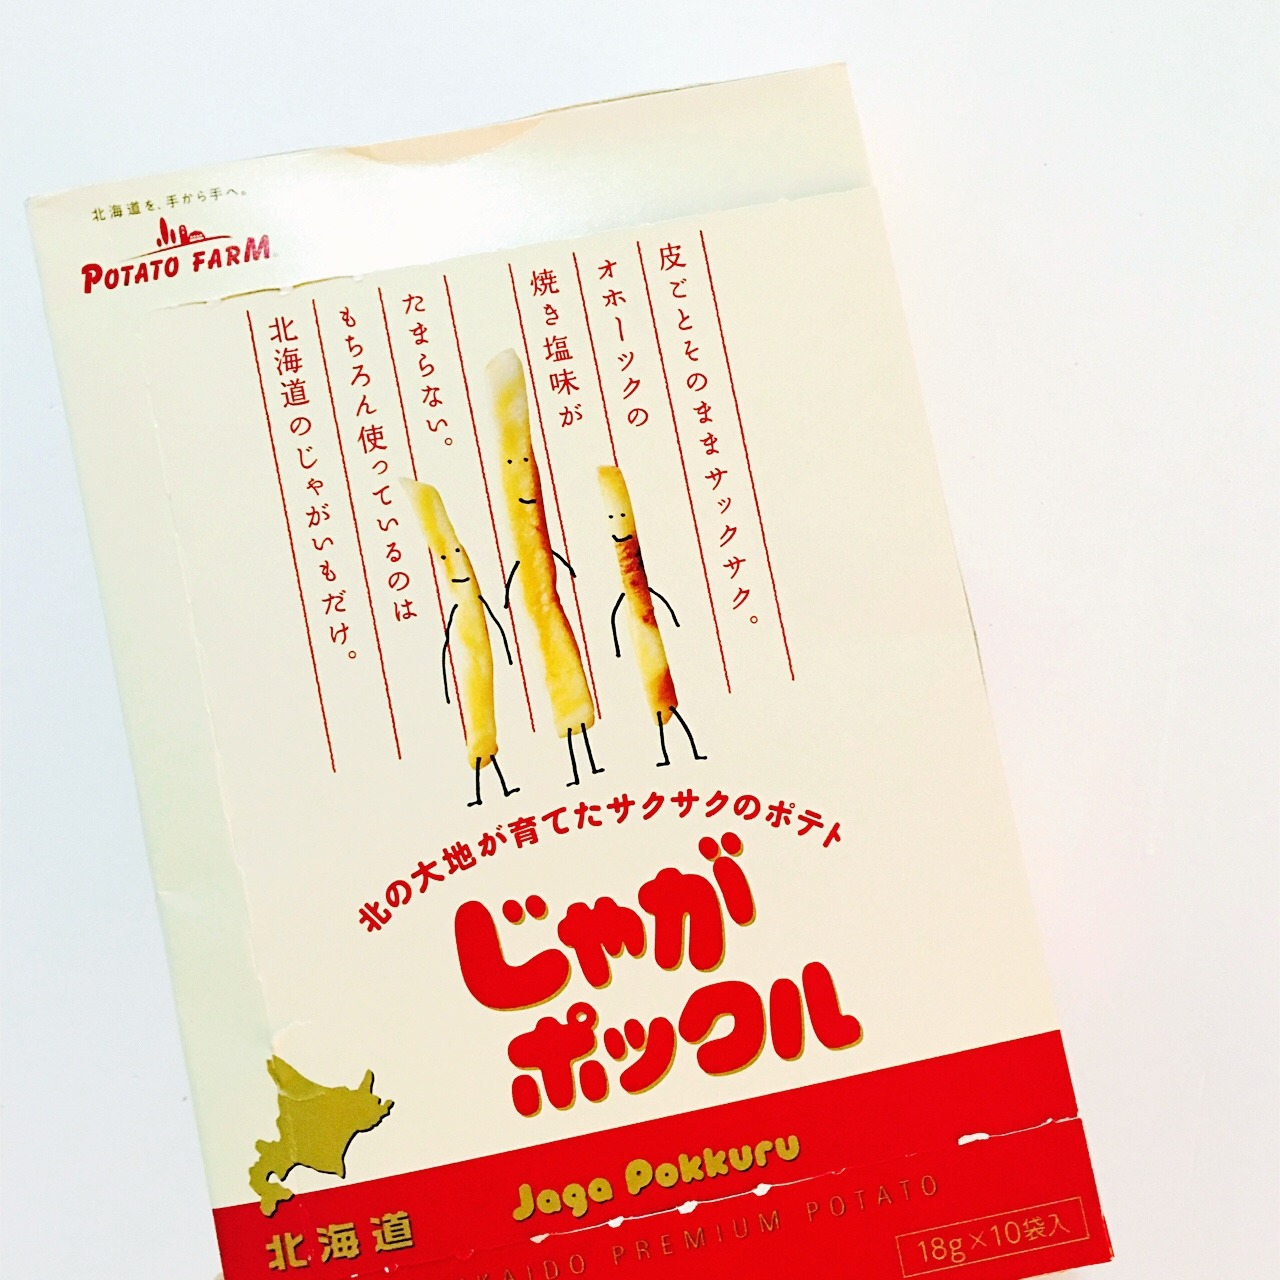 『来自北海道的美味薯条』超人气的薯条三兄弟